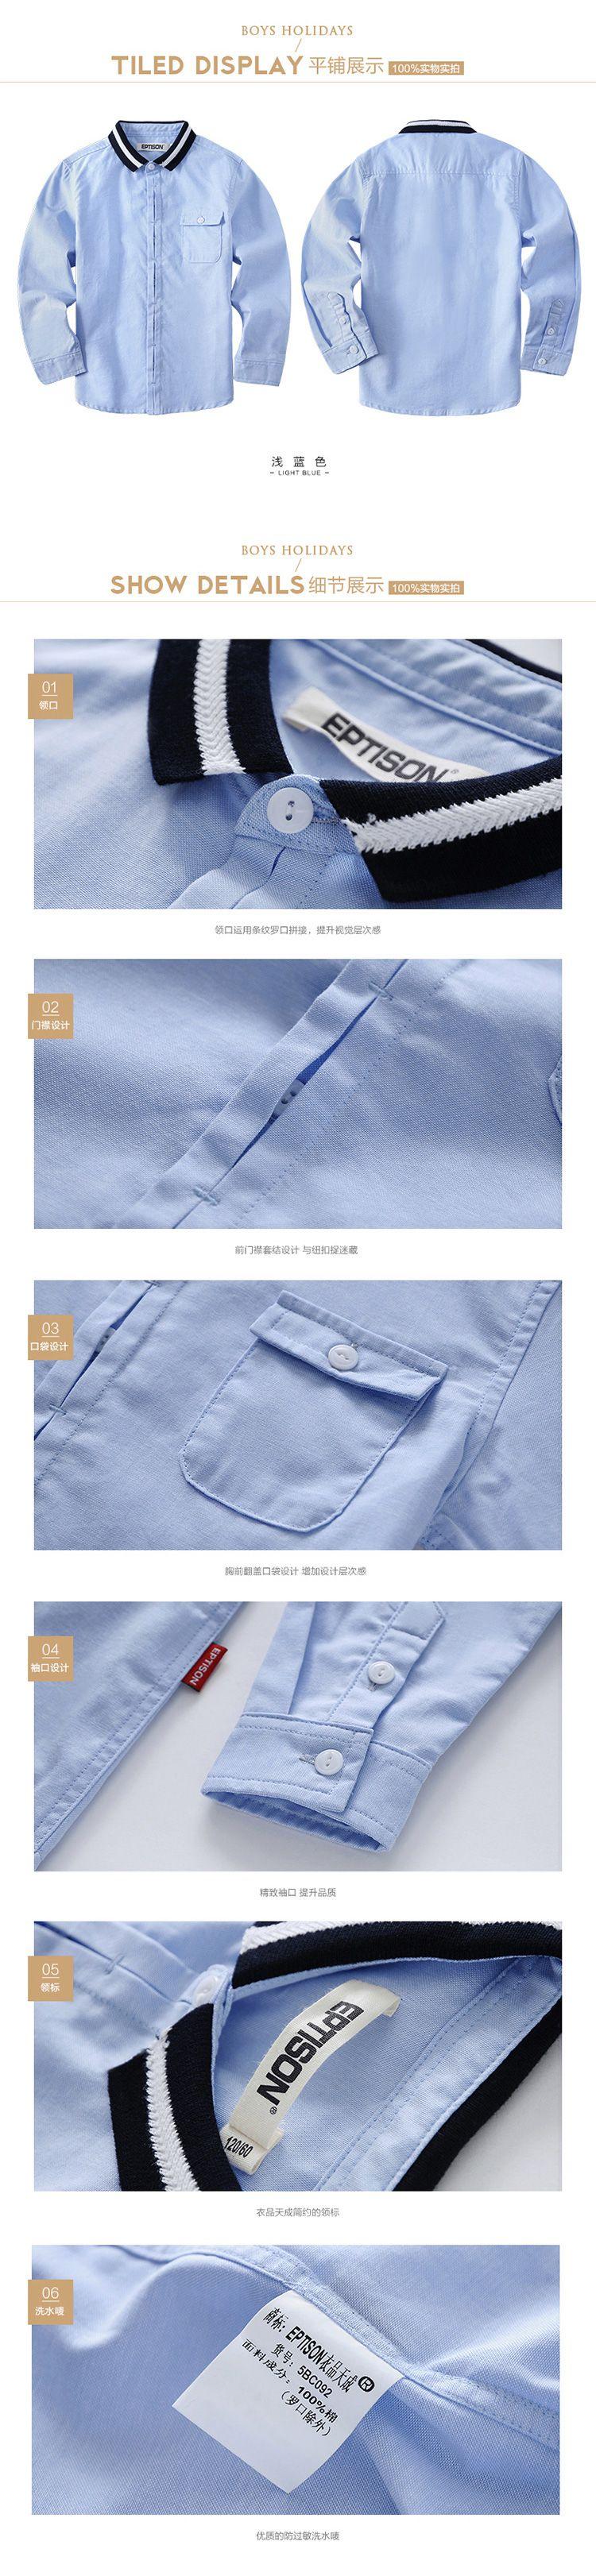 品牌名称: 衣品天成 商品名称: 男童浅蓝色衬衫 商品分类: 男童衬衫